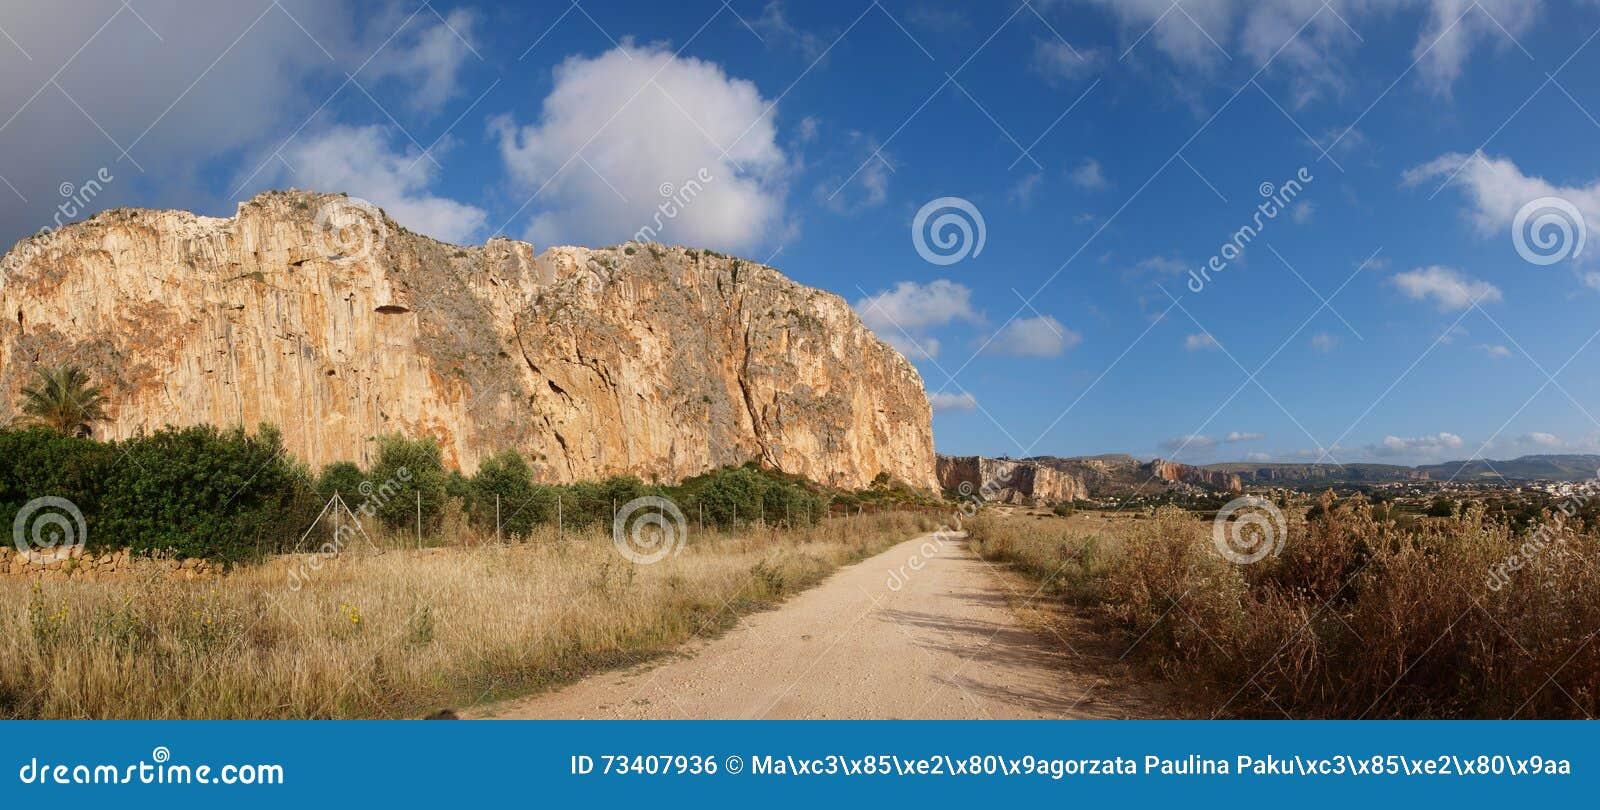 Scurati, Sicily, Italy